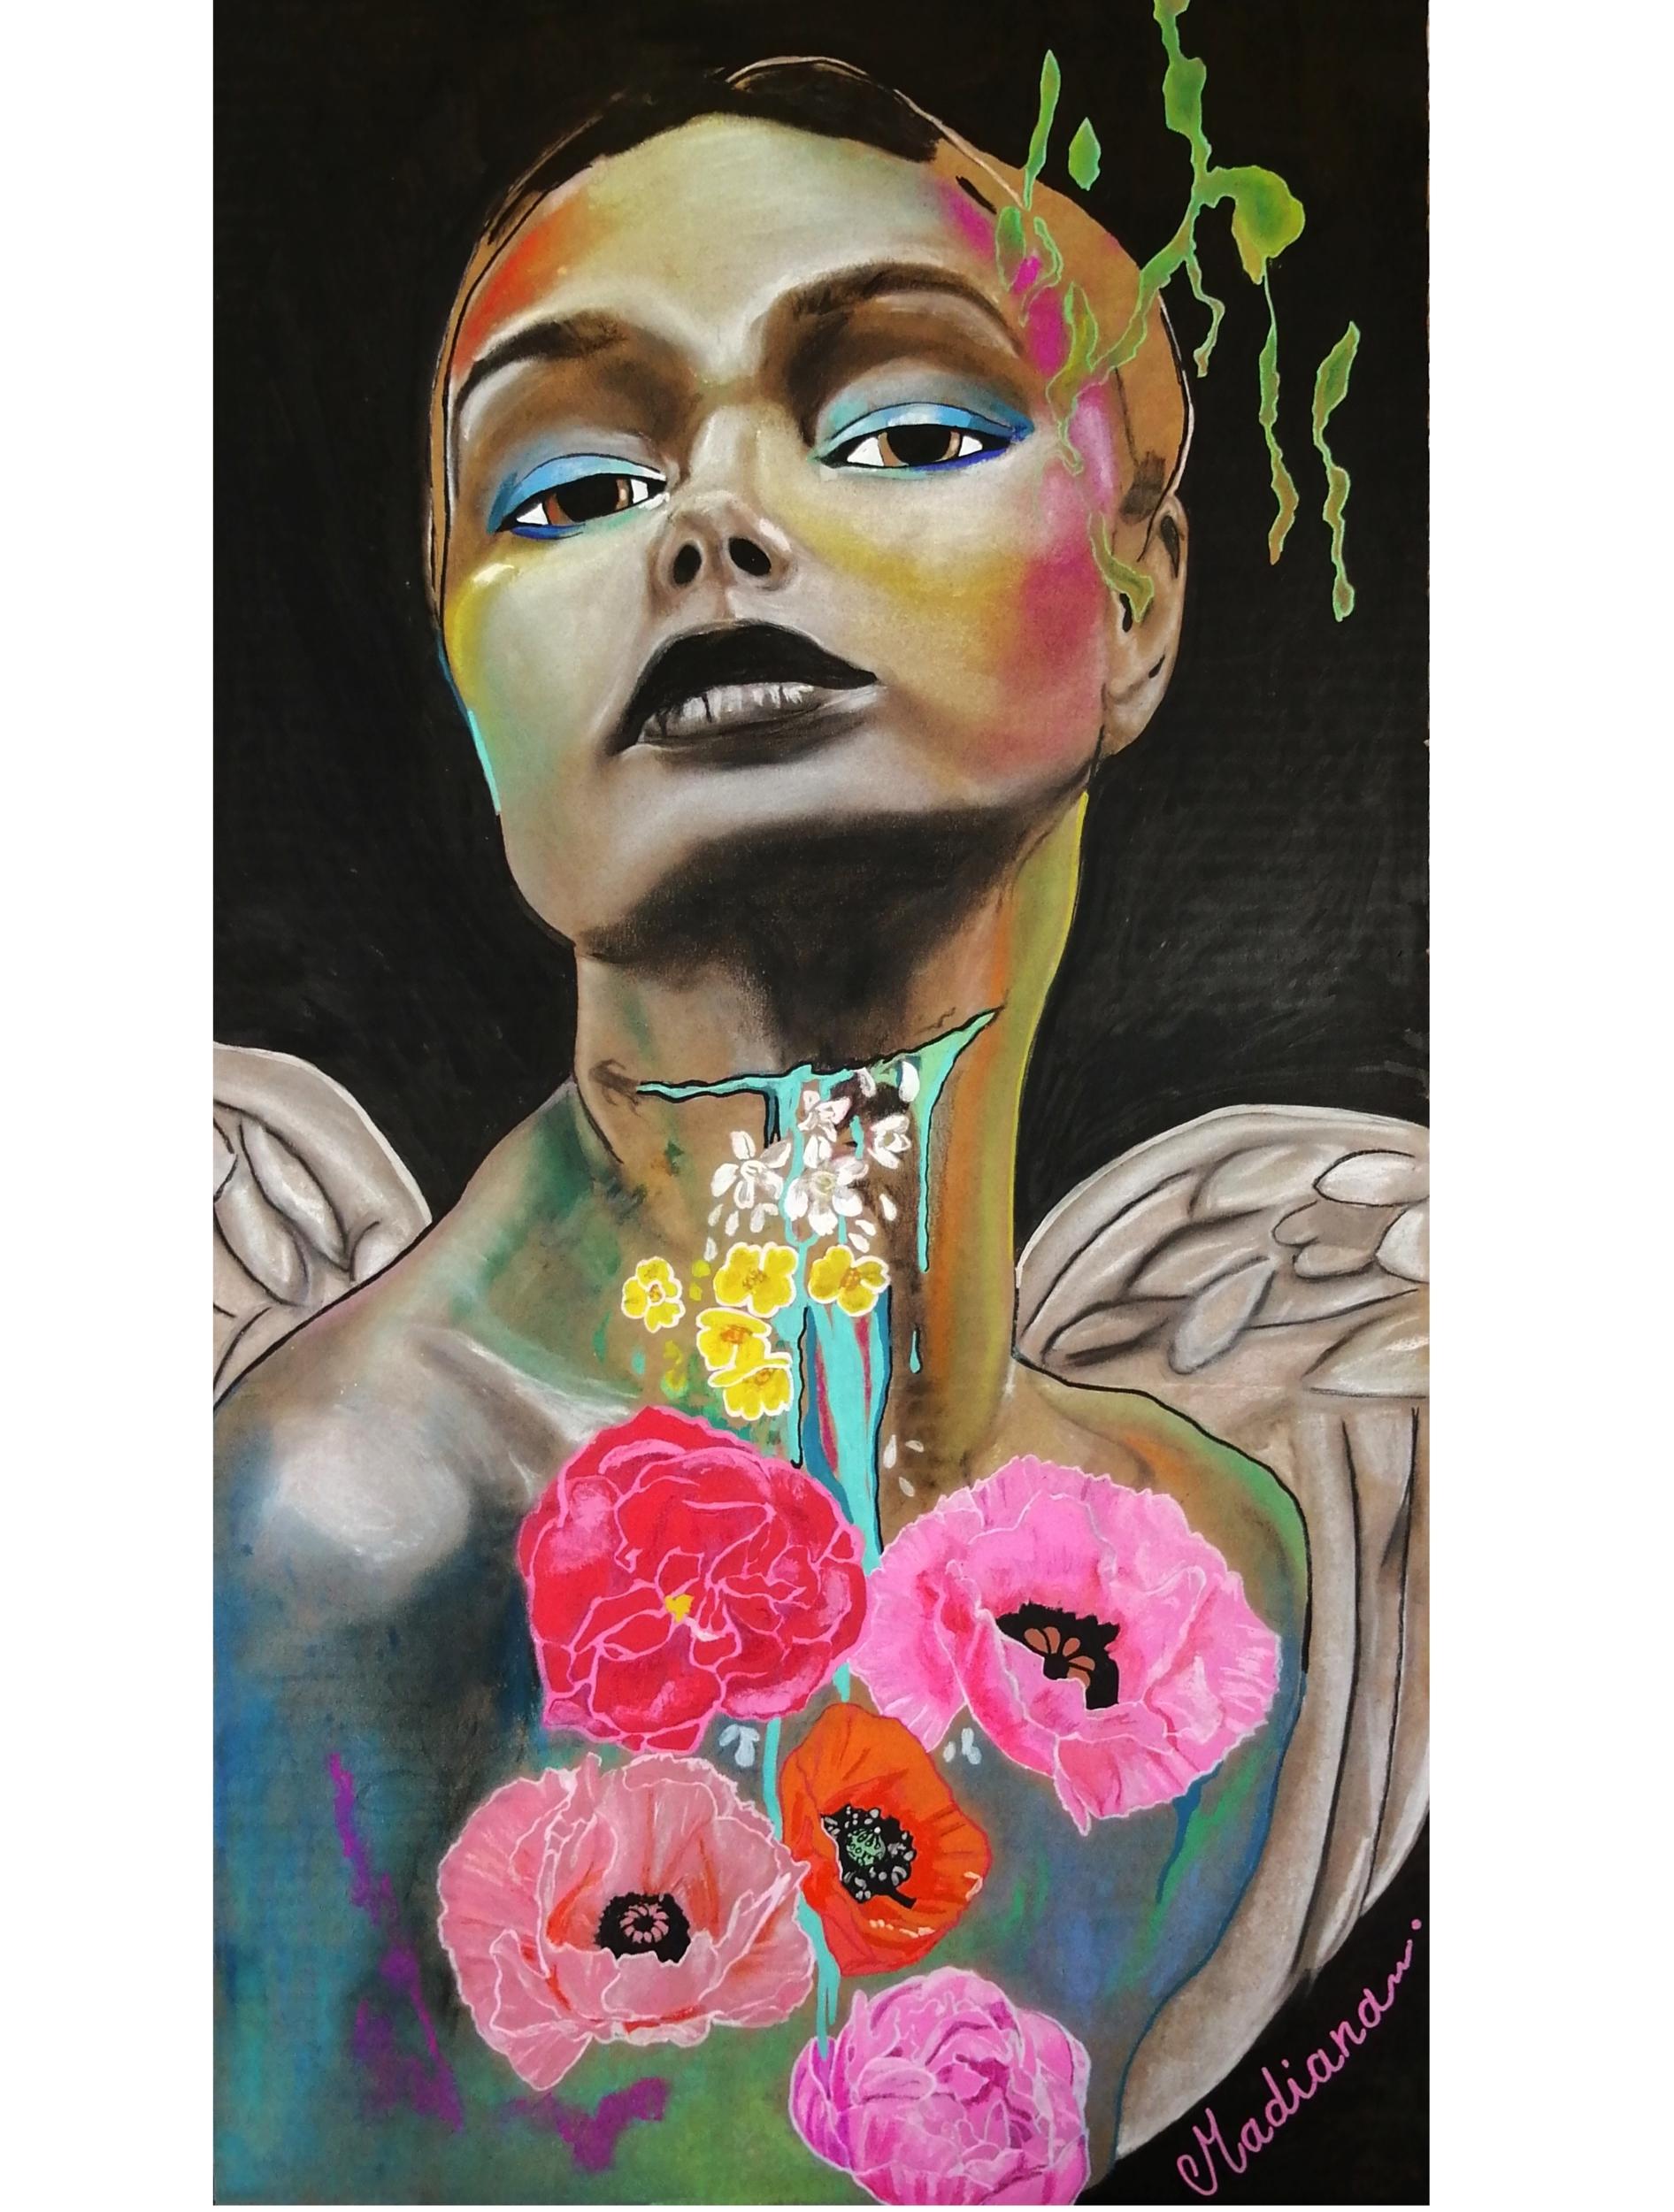 affiche reproduction art contemporain ange fleurs nature street multicolore SITE